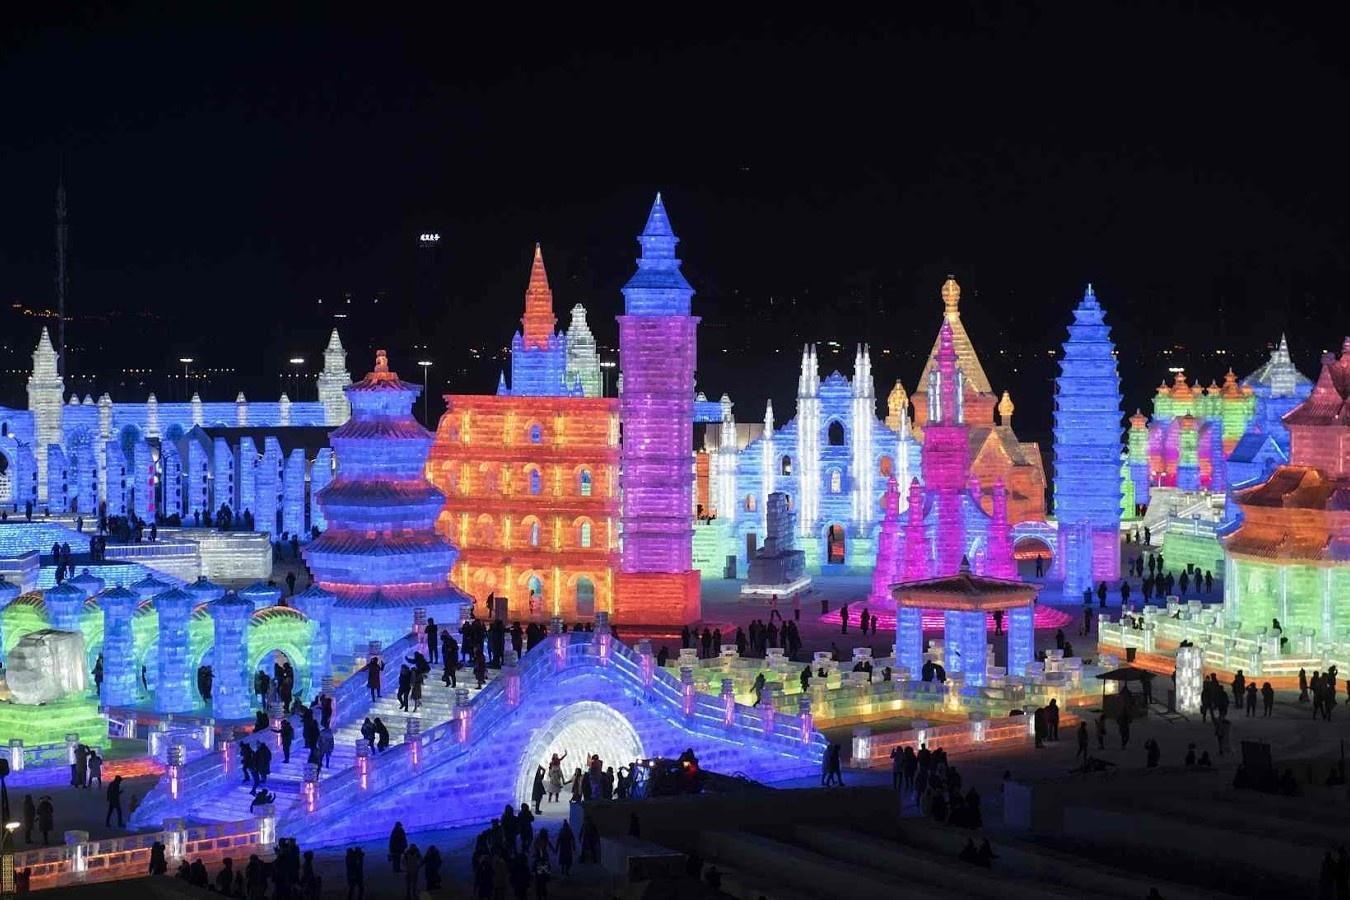 Người Trung Quốc xẻ băng để tổ chức lễ hội mùa đông lớn nhất thế giới